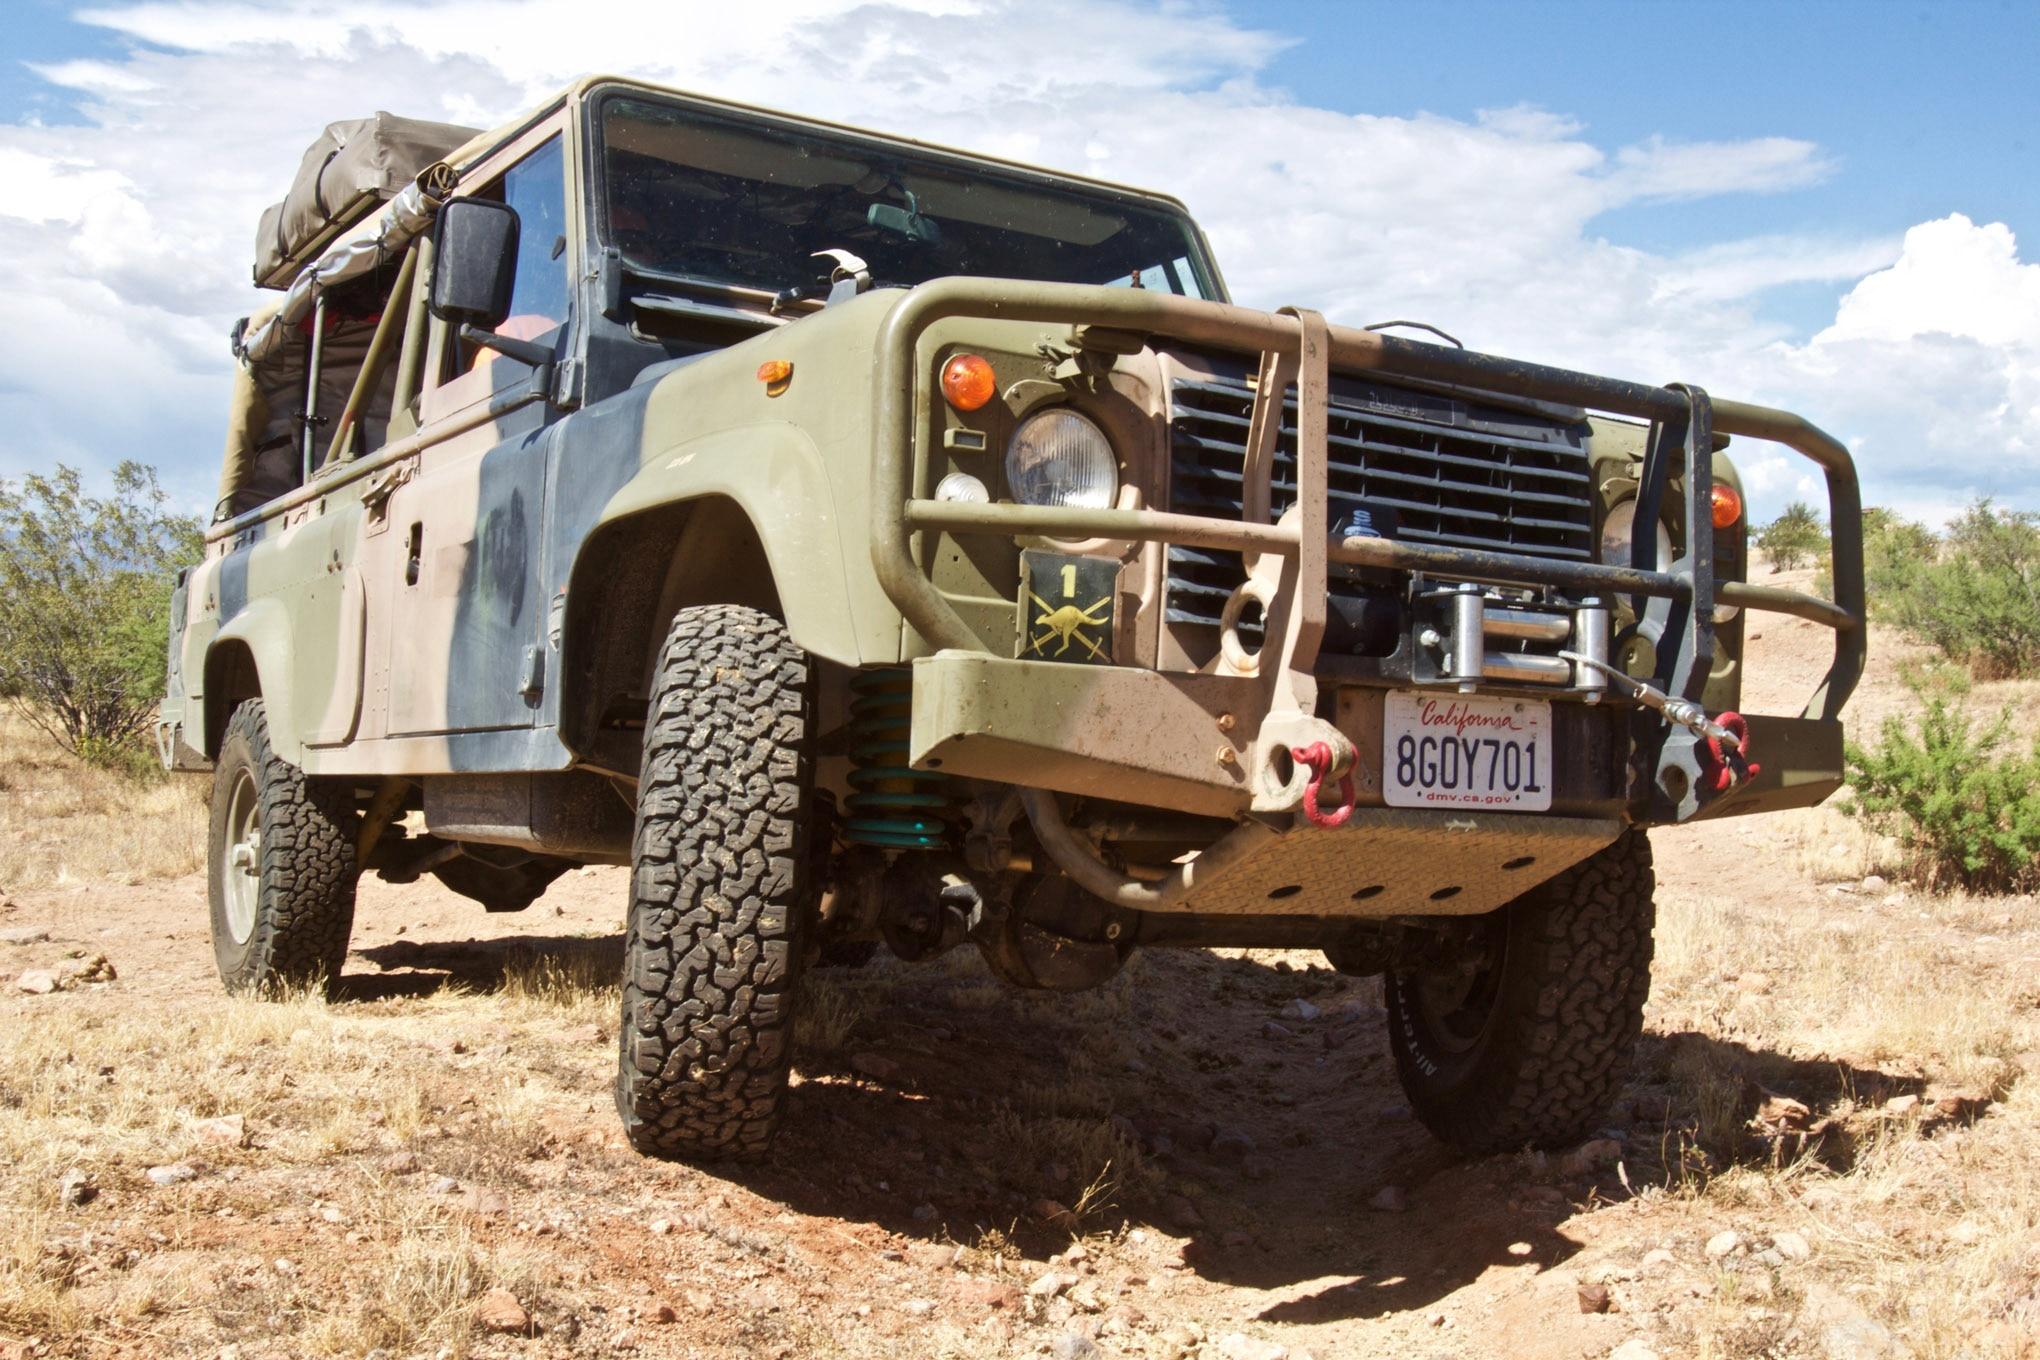 46 overland adventure 2019